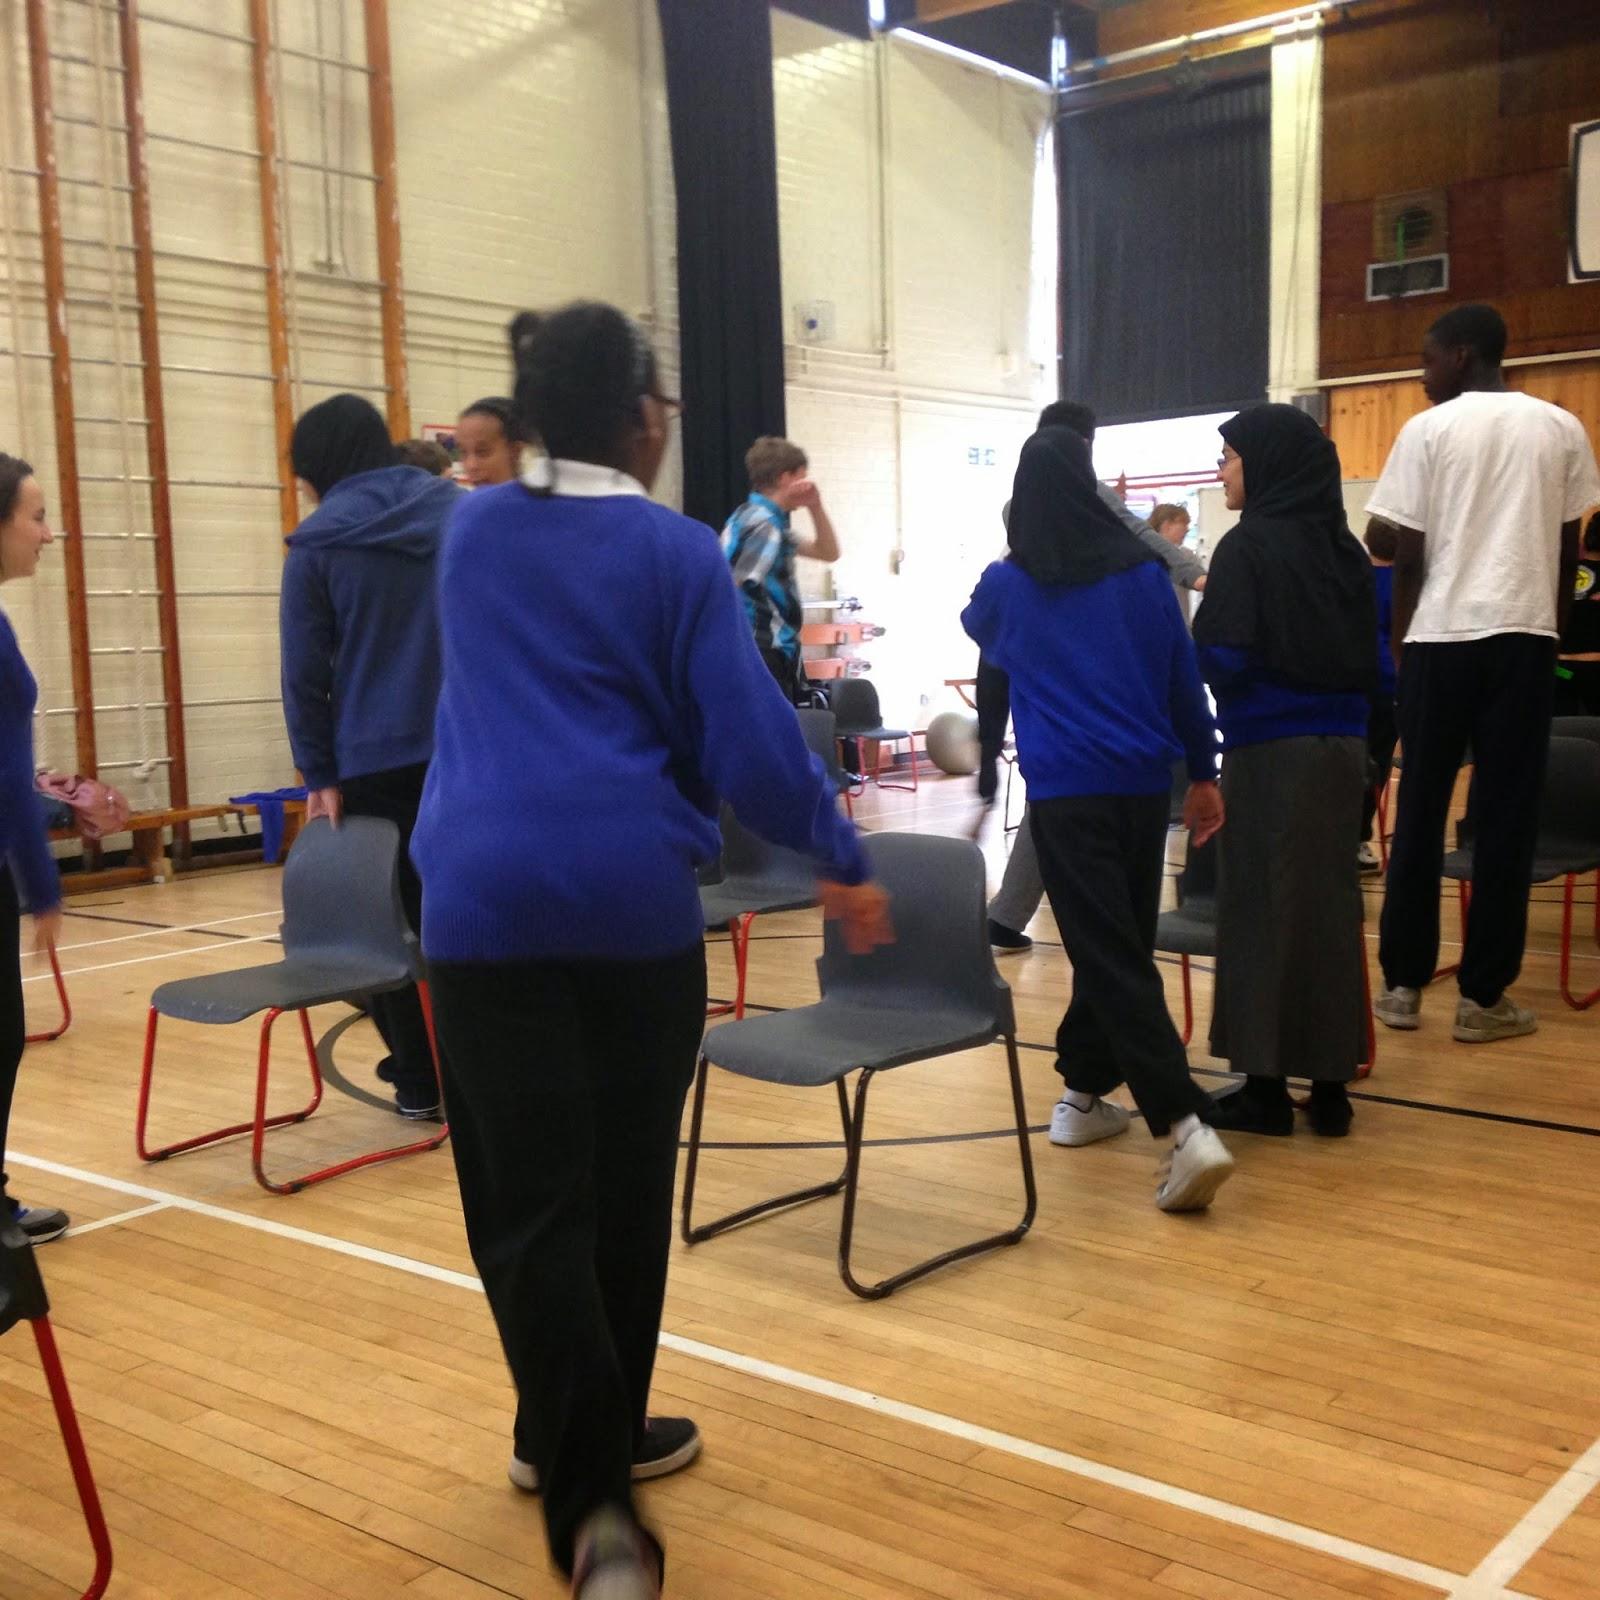 WPSD London/Oak Lodge Experience: Oak Lodge School/Central